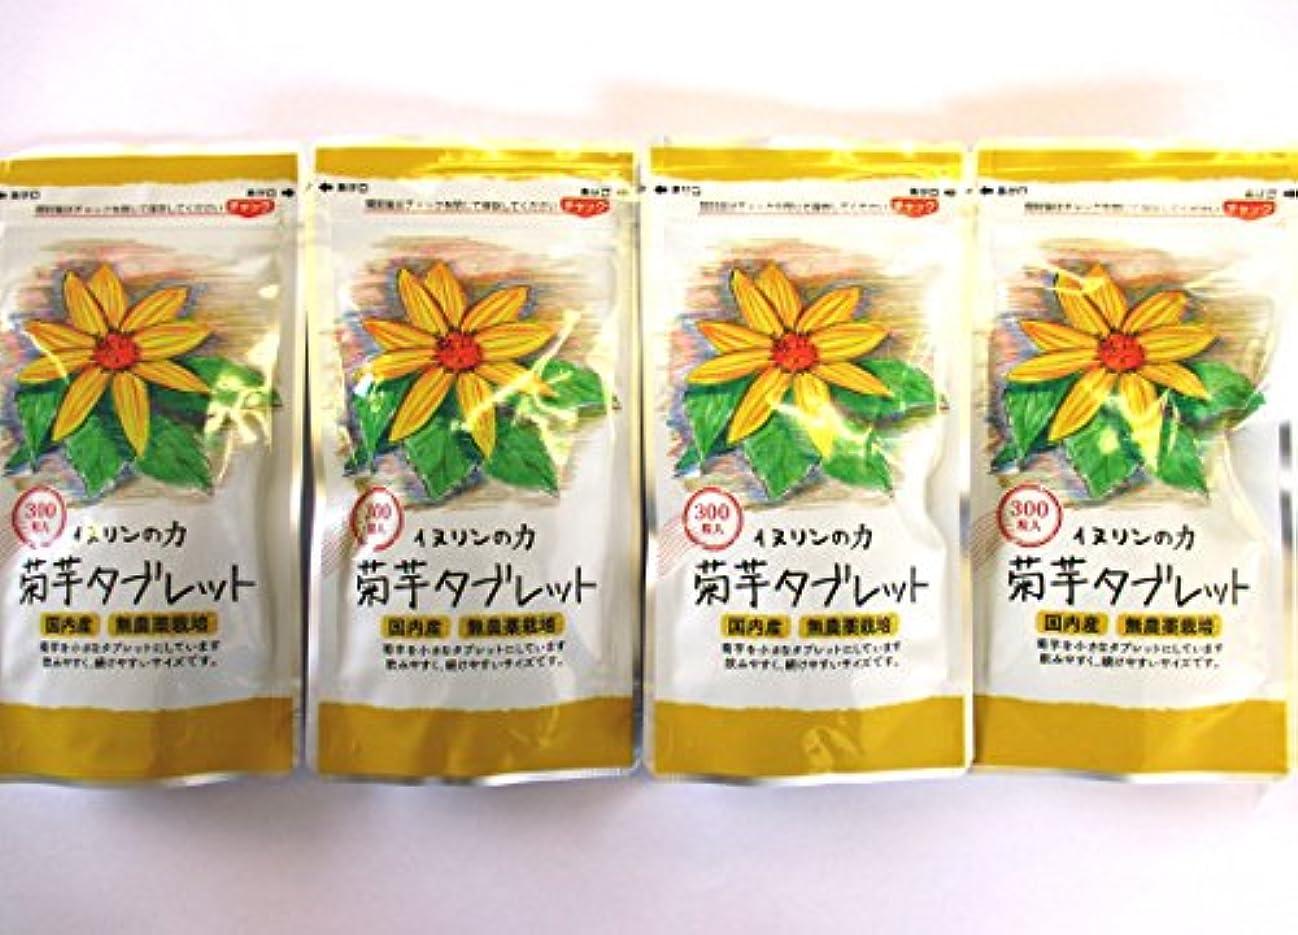 彼らの書道圧力菊芋タブレット 250mg×300粒 4個セット 内容量:300g ★4袋で生菊芋=2640g分相当です!